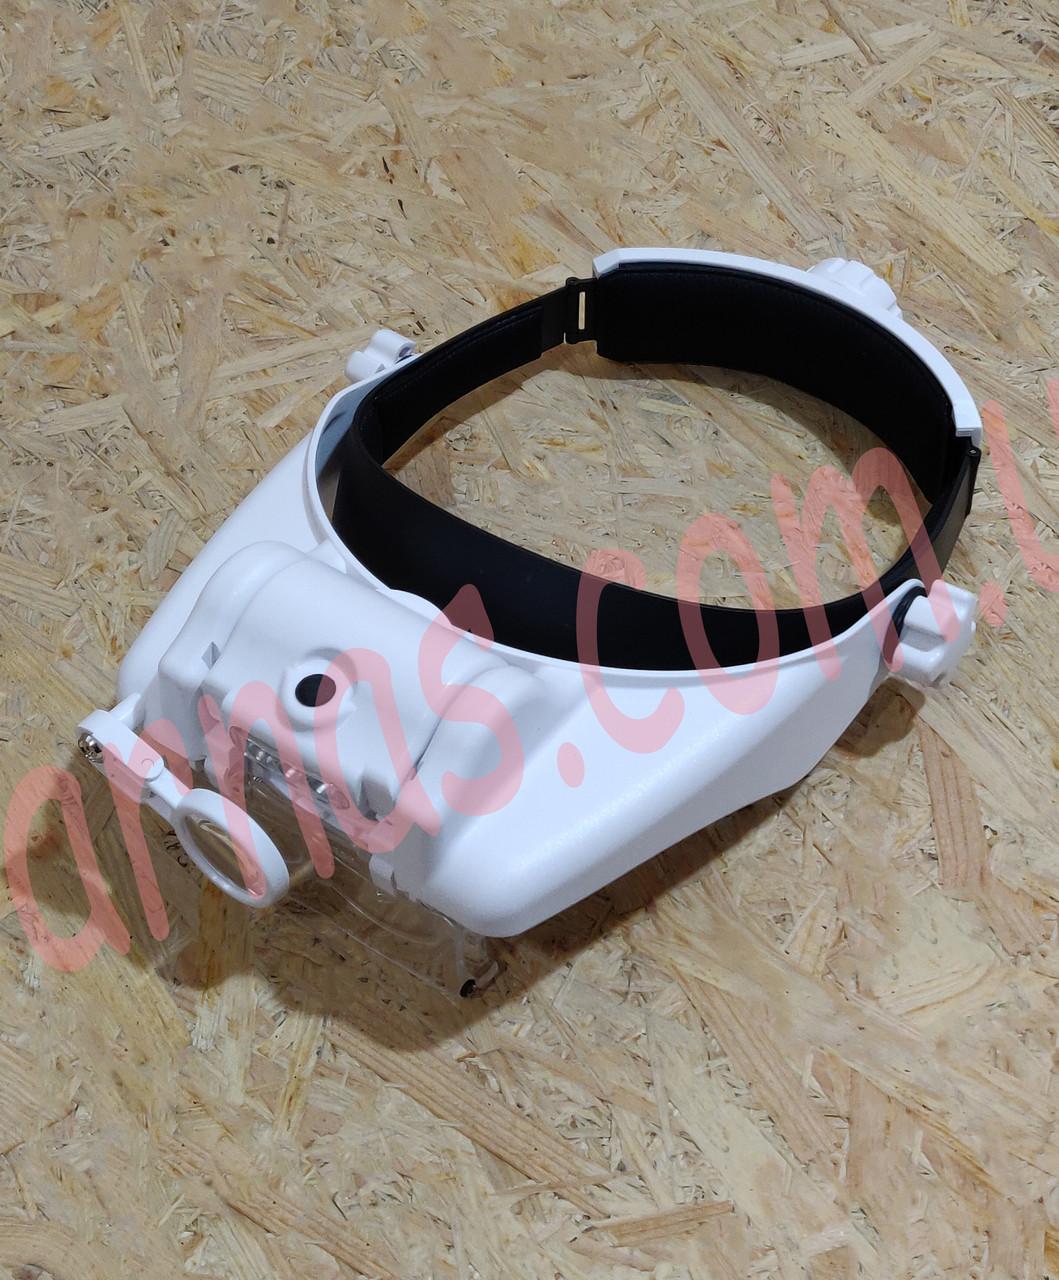 Бинокуляр очки бинокулярные со светодиодной подсветкой MG81000S